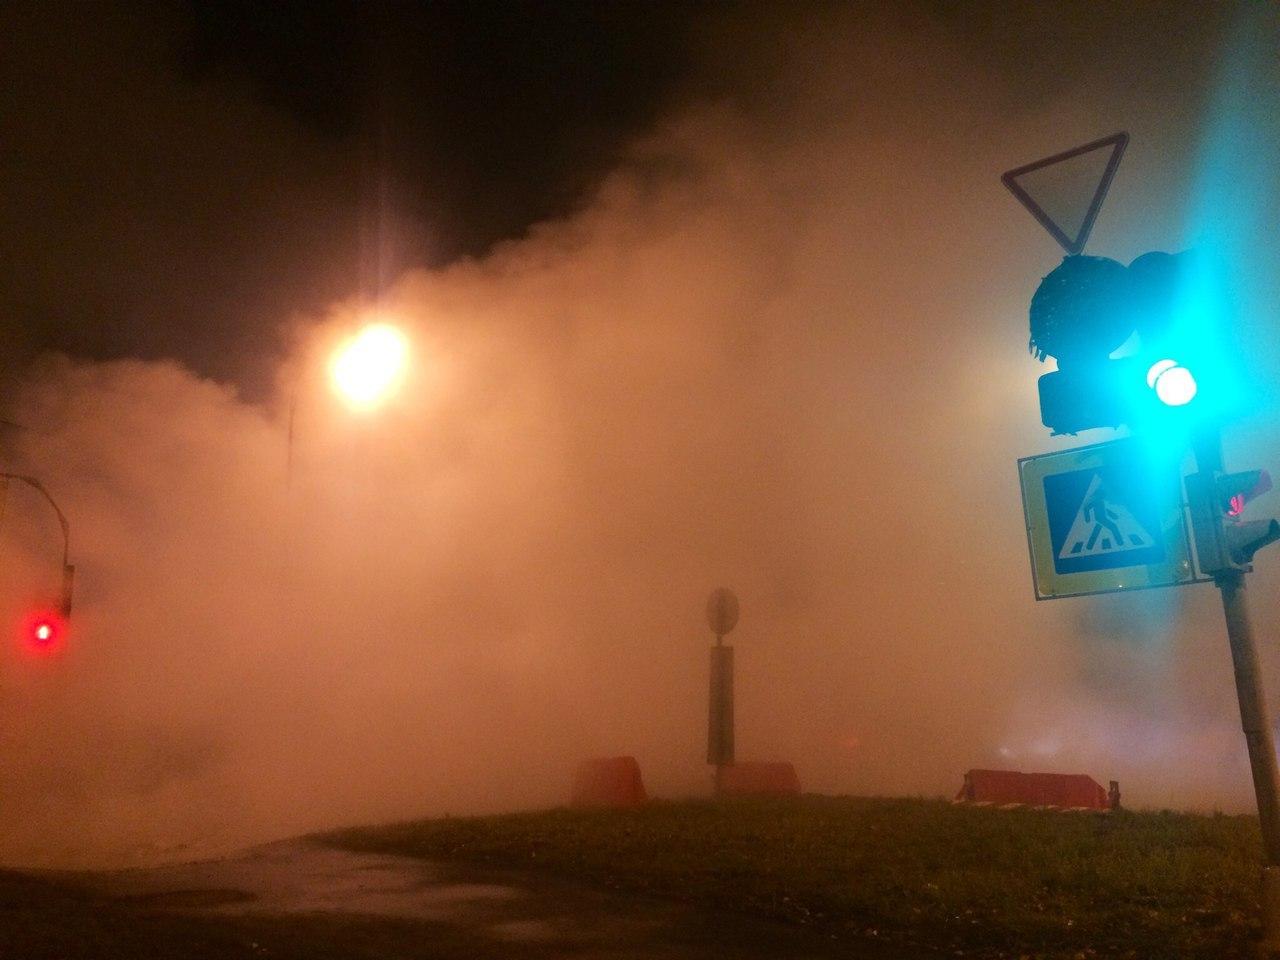 """Многие водители также едва не пострадали из-за собственной отчаянности. Фото: Антон Челноков """"ДТП и ЧП Санкт-Петербург"""""""